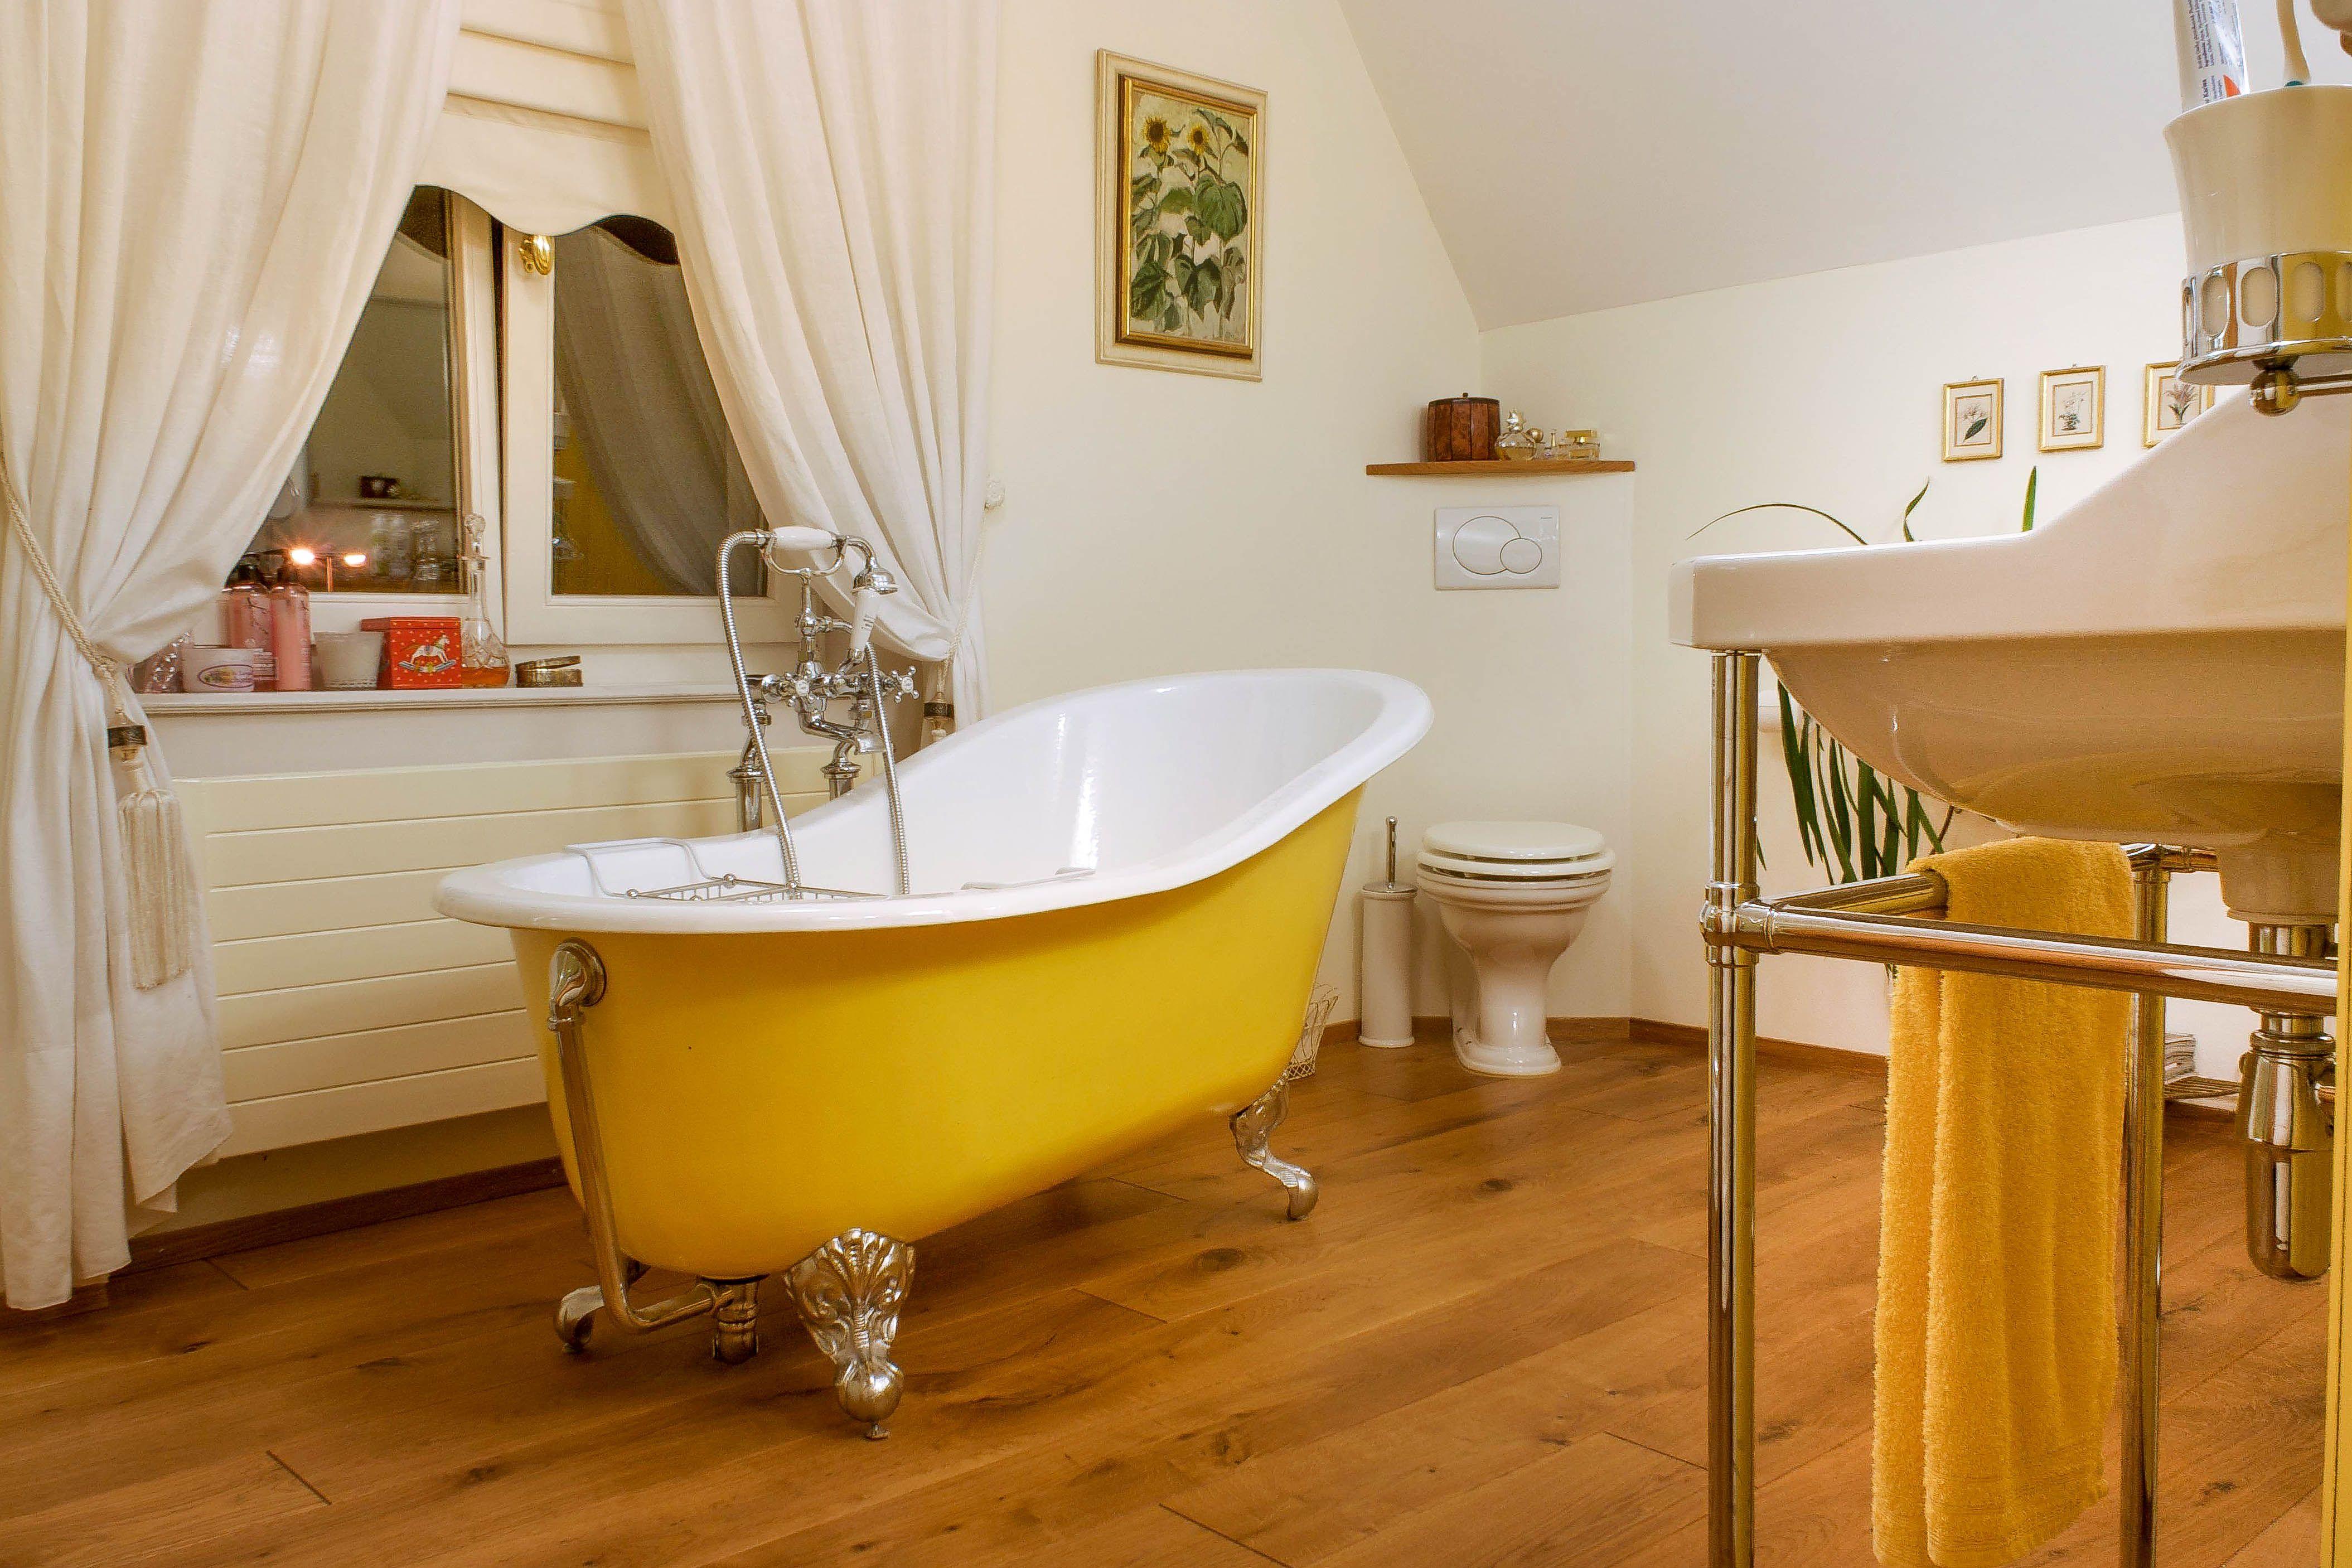 Das Highlight In Jedem Klassisch Gestalteten Badezimmer Ist Eine Freistehende Gusseiserne Badewanne Badew Traditionelle Bader Gusseisen Badewanne Badewanne